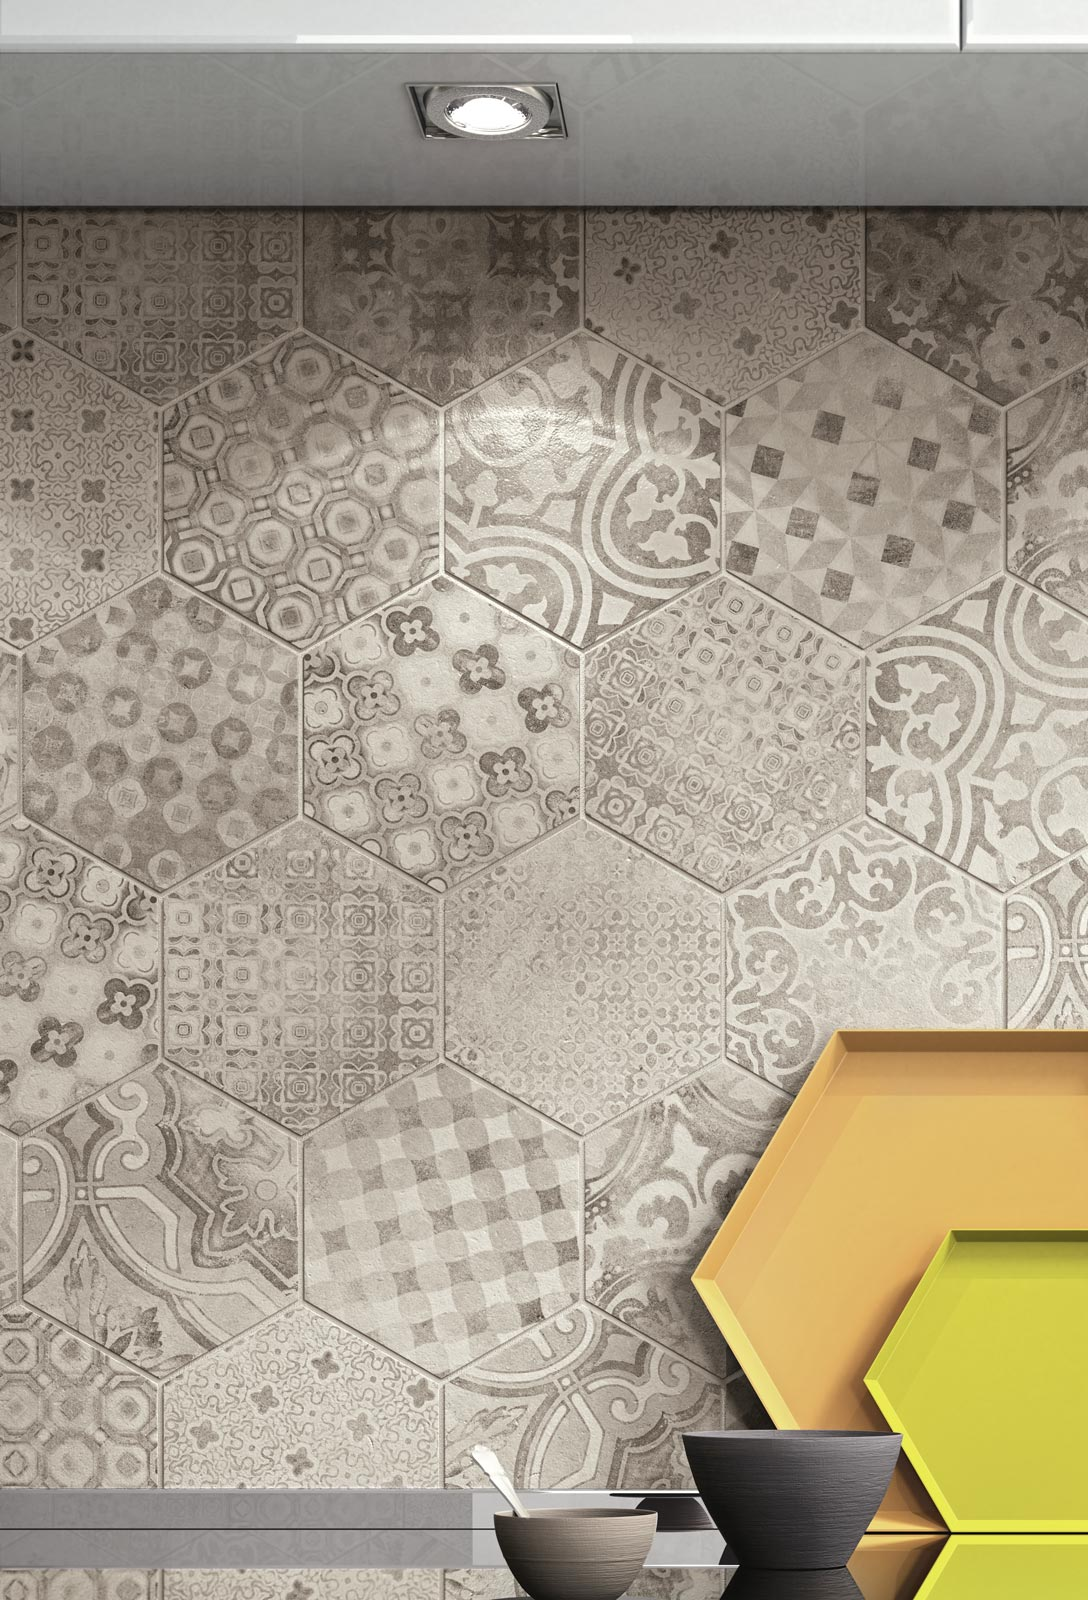 Piastrelle esagonali per decorare casa ragno - Decorare piastrelle ...